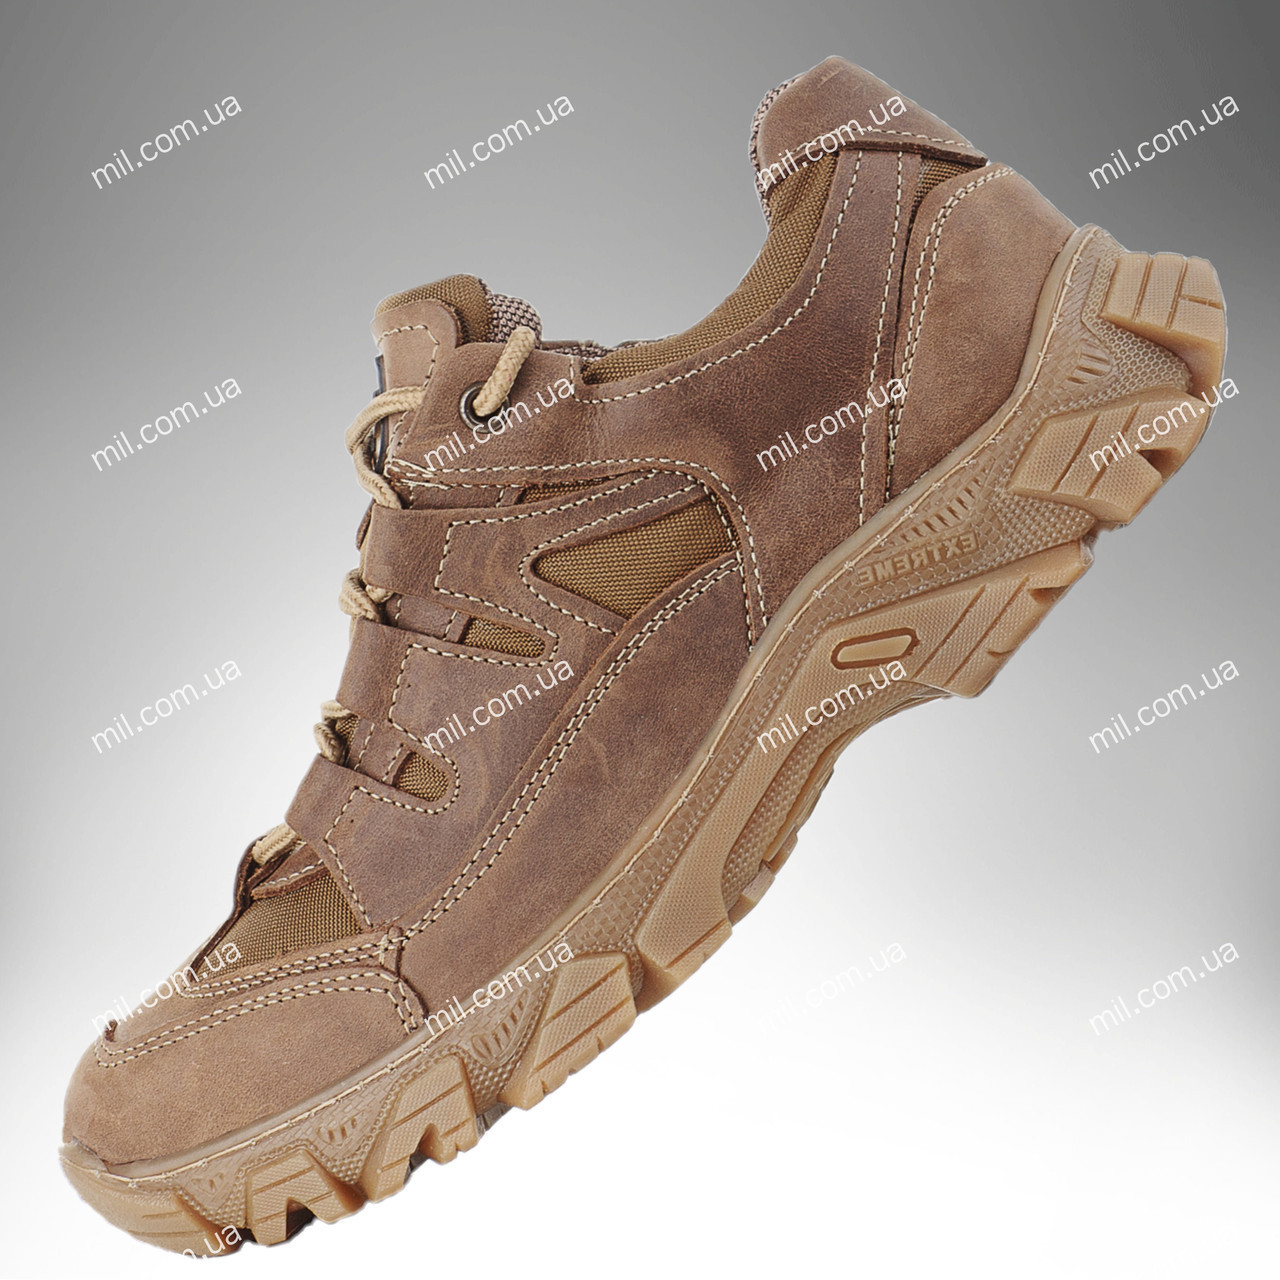 ⭐⭐Военная демисезонная обувь / тактические кроссовки Tactic LOW3 (crazy)   военные кроссовки, тактические